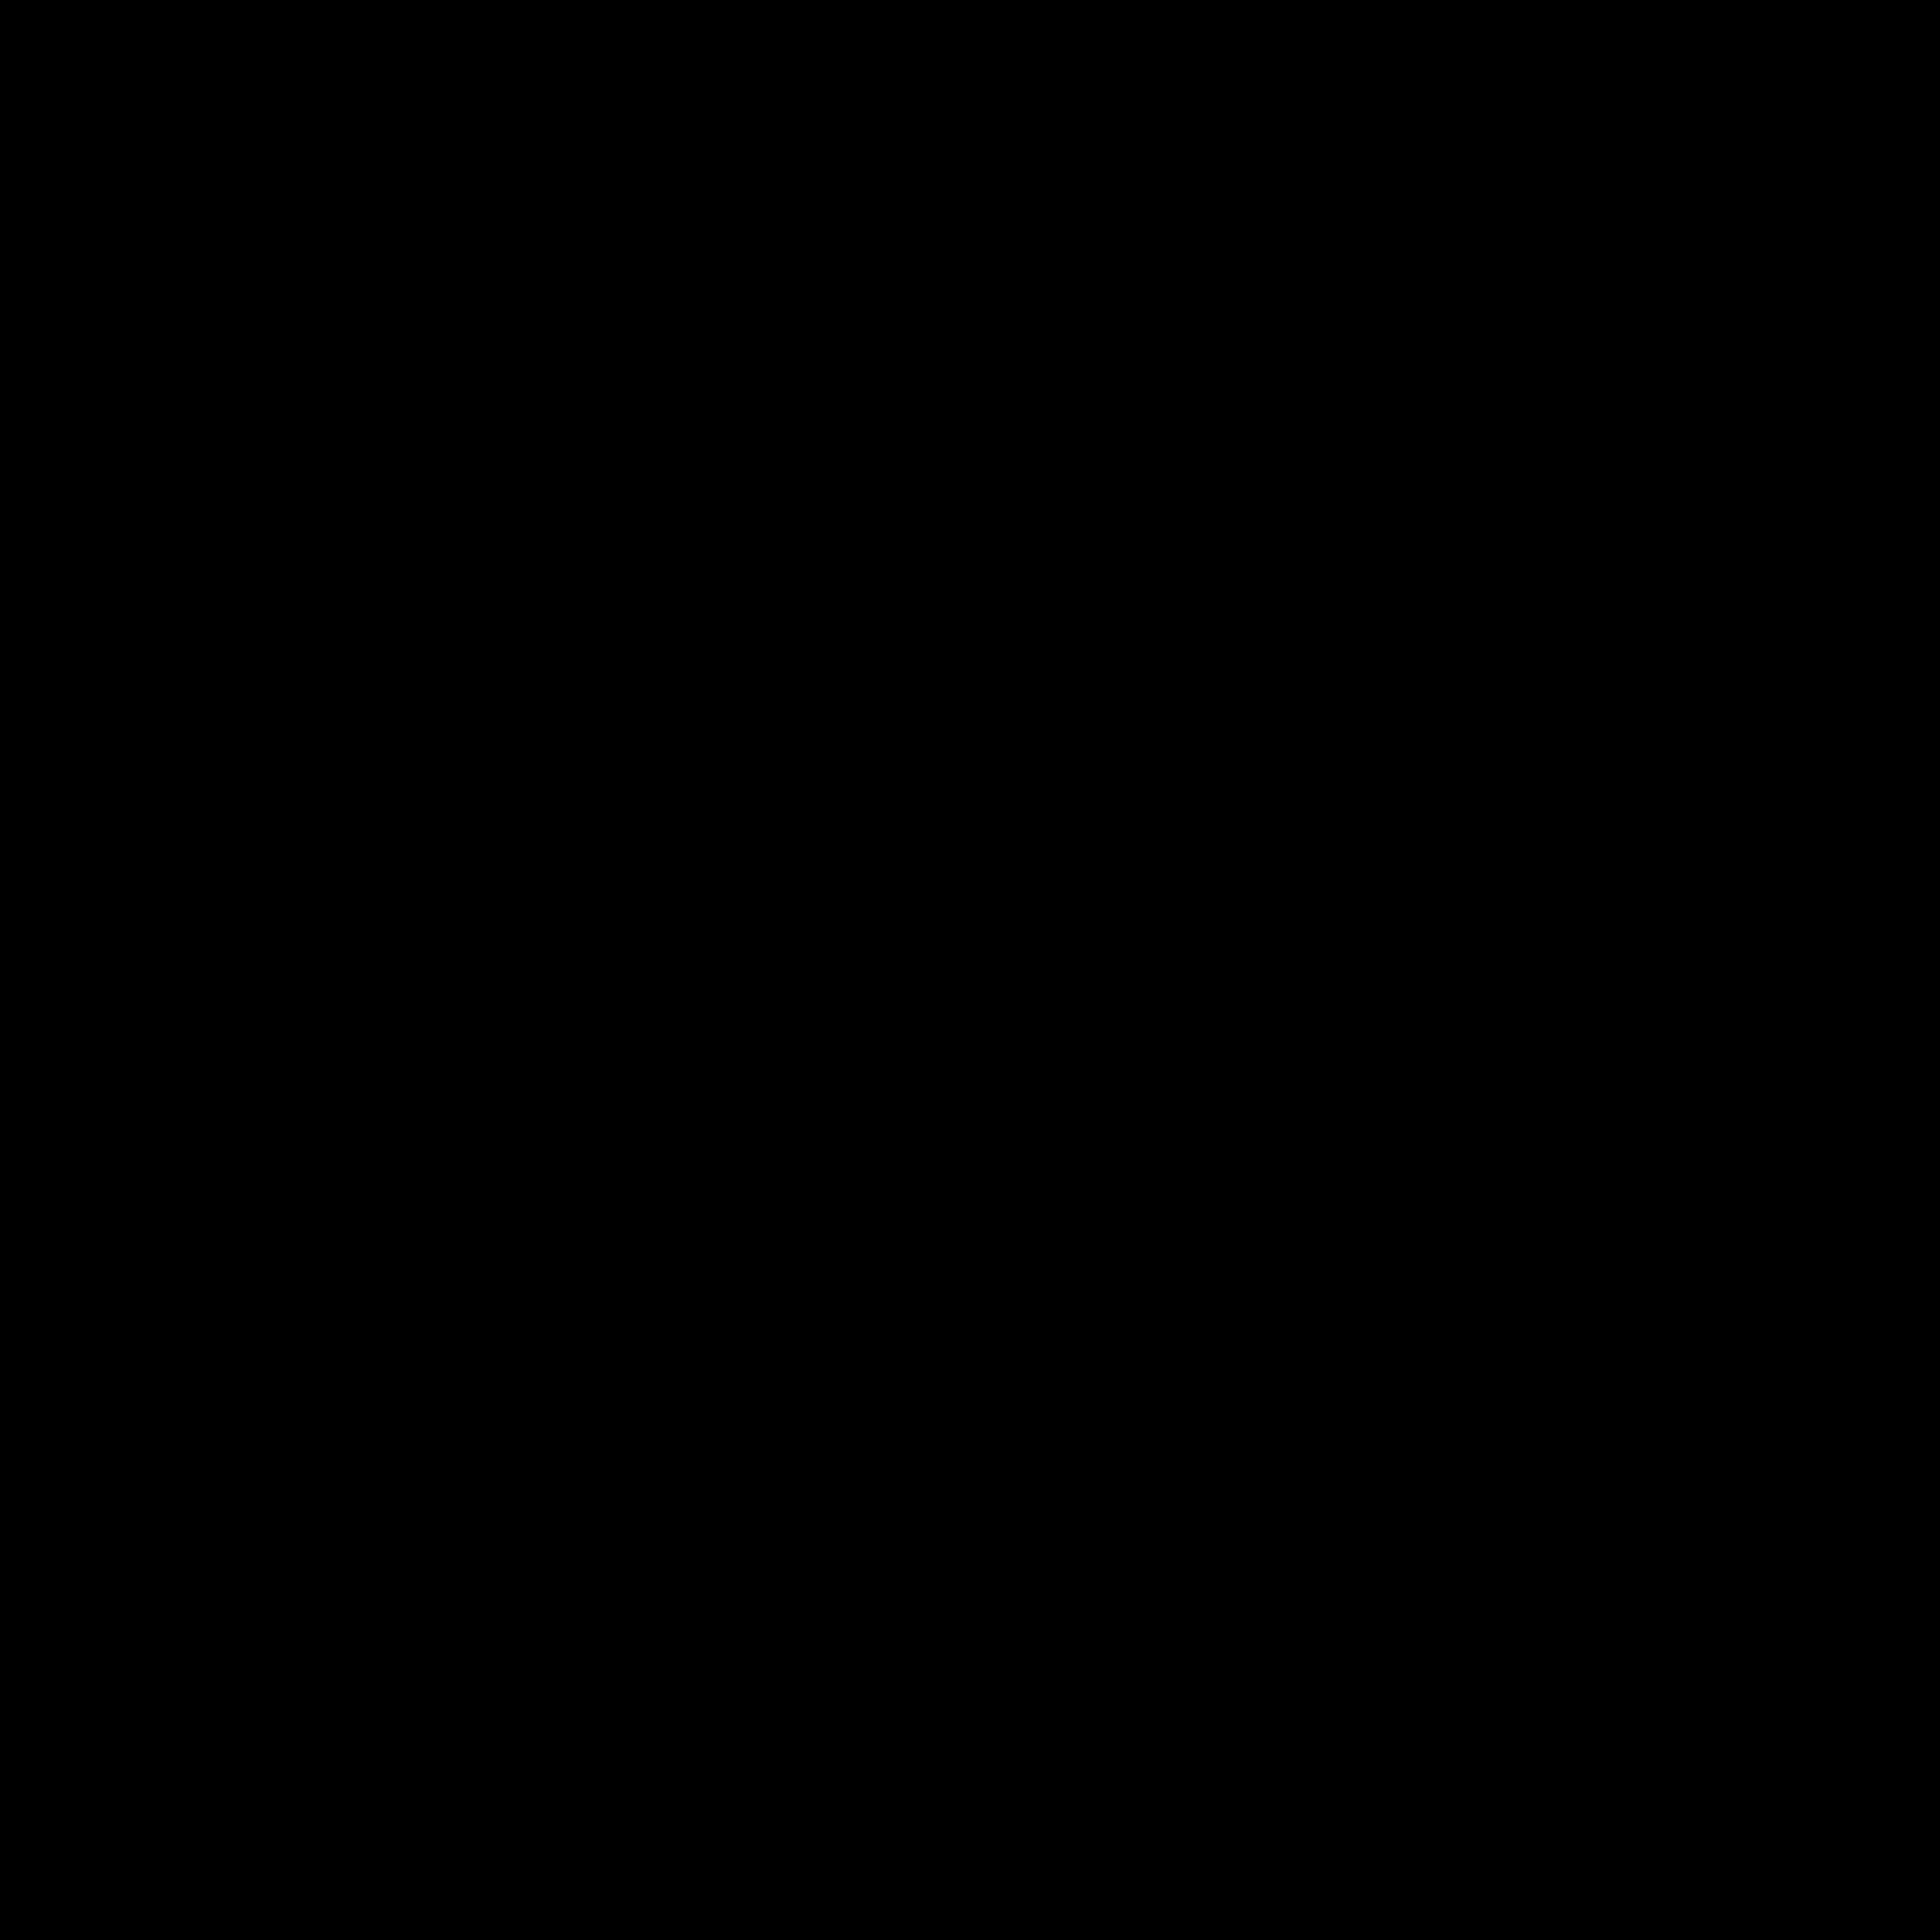 Told Skat Logo Png Transparent Svg Vector Freebie Supply